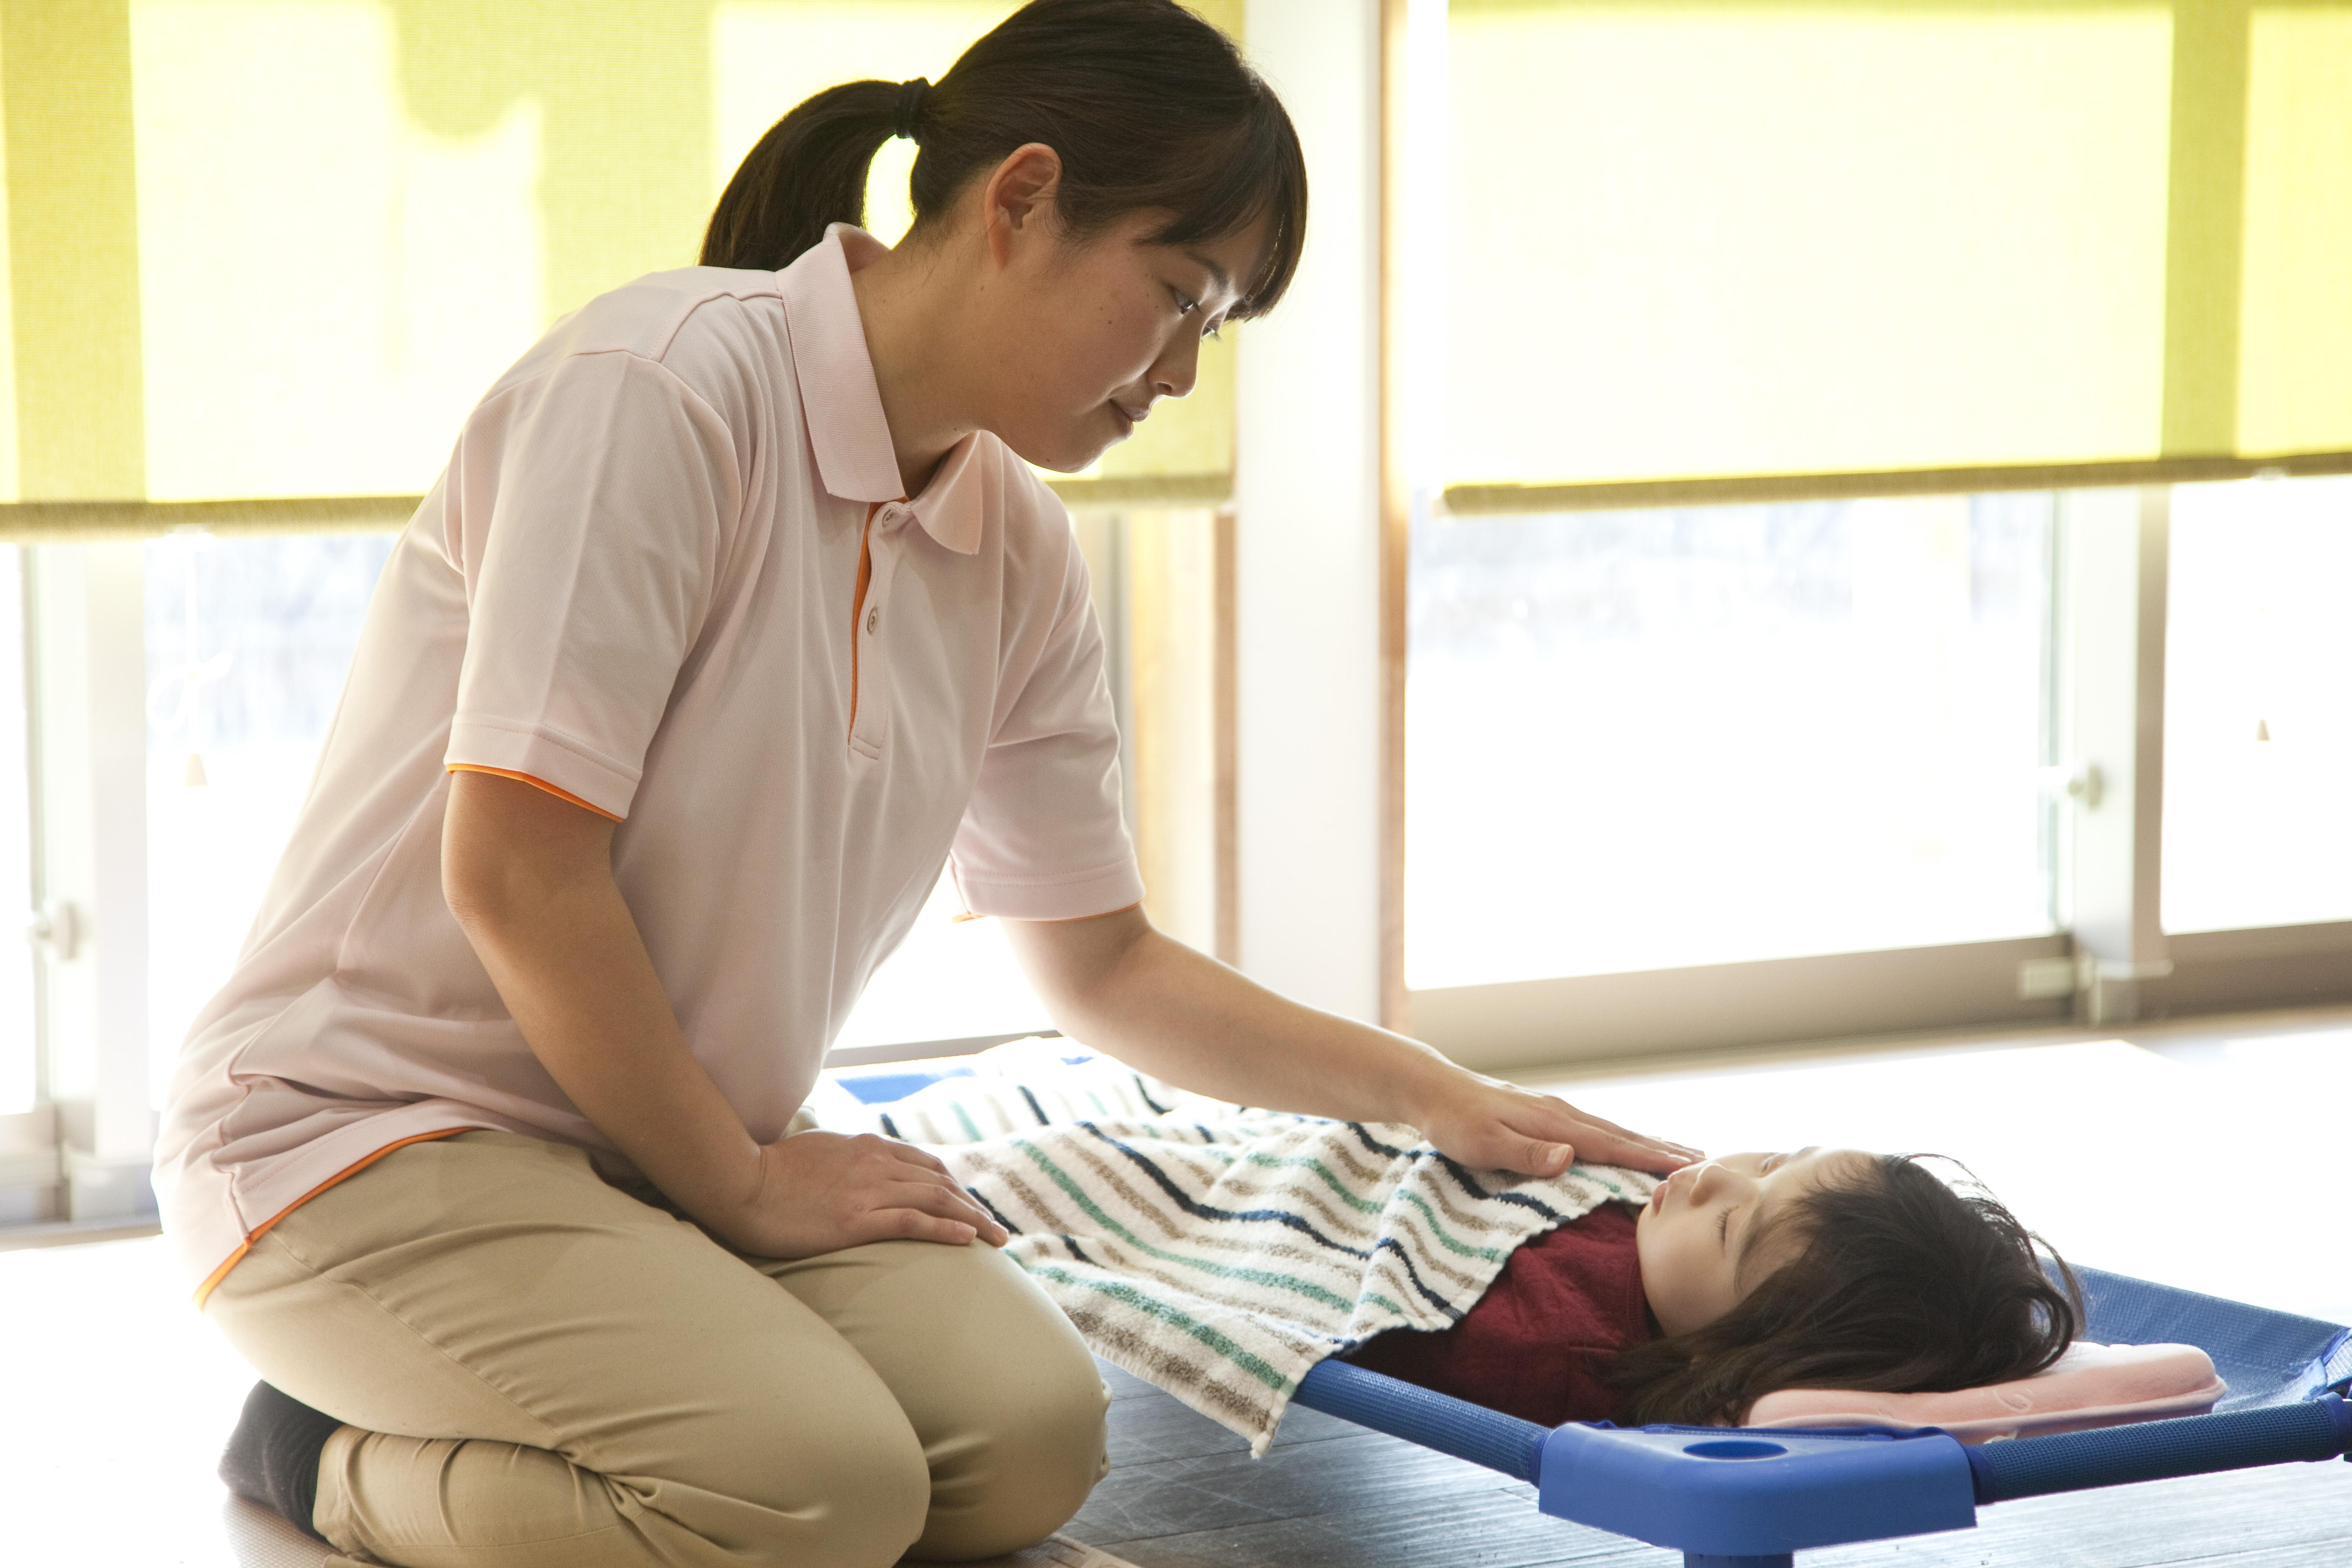 ★看護師さん募集♪★子ども達の健康と笑顔を一緒に守っていきませんか?